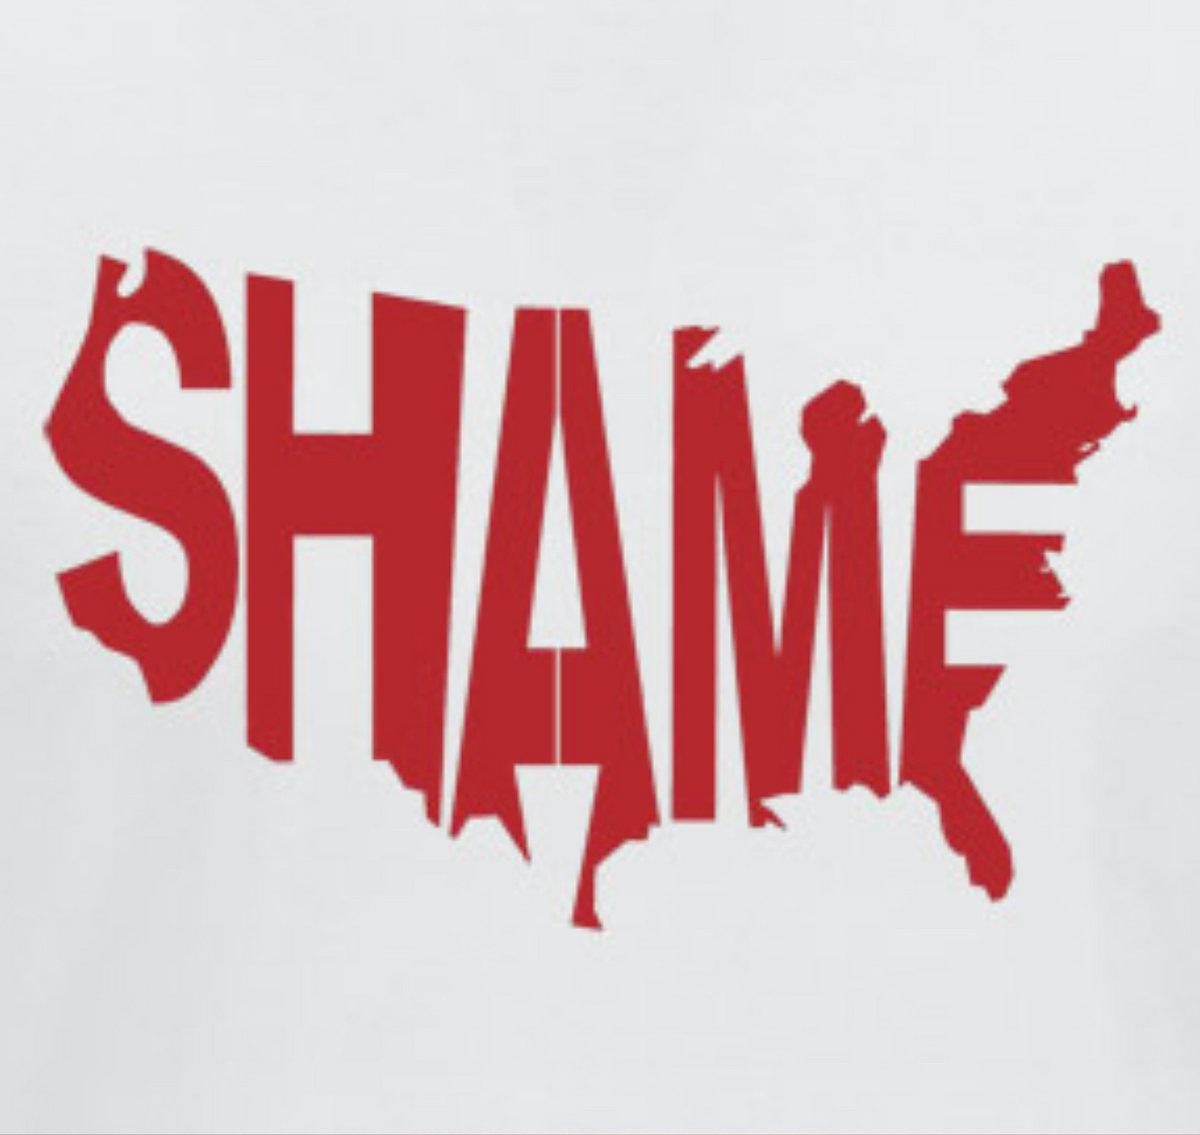 Shame! by Doug Elkins